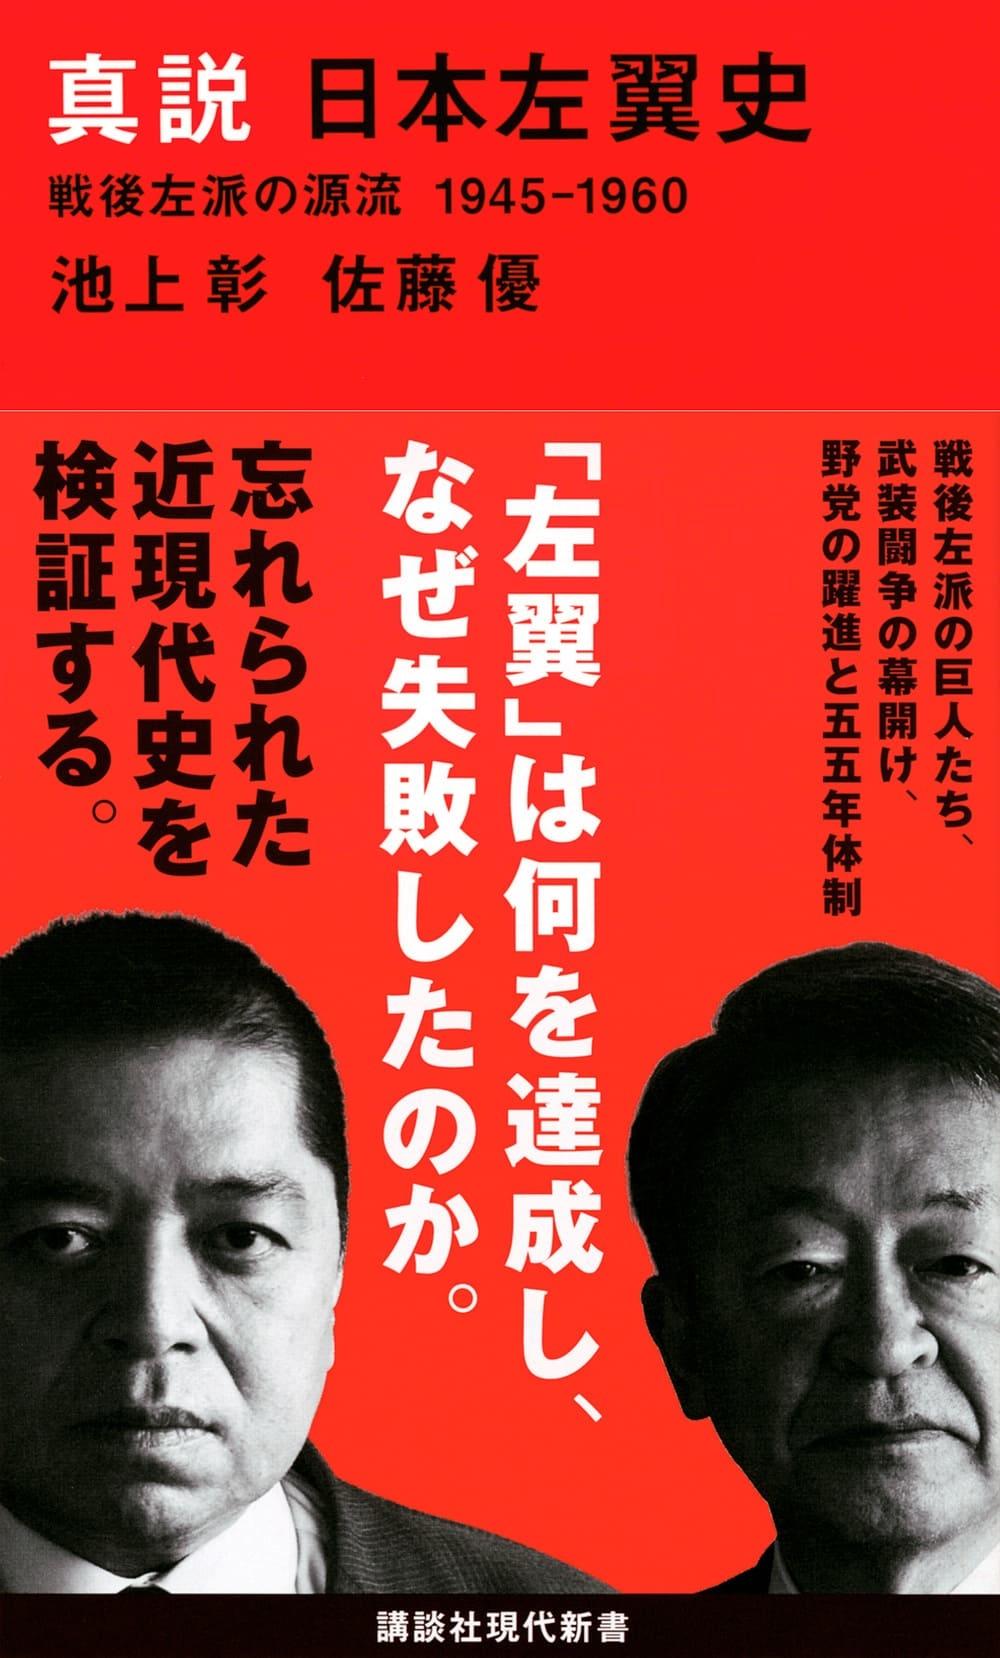 池上彰と佐藤優が語る「左翼史」が今、売れている